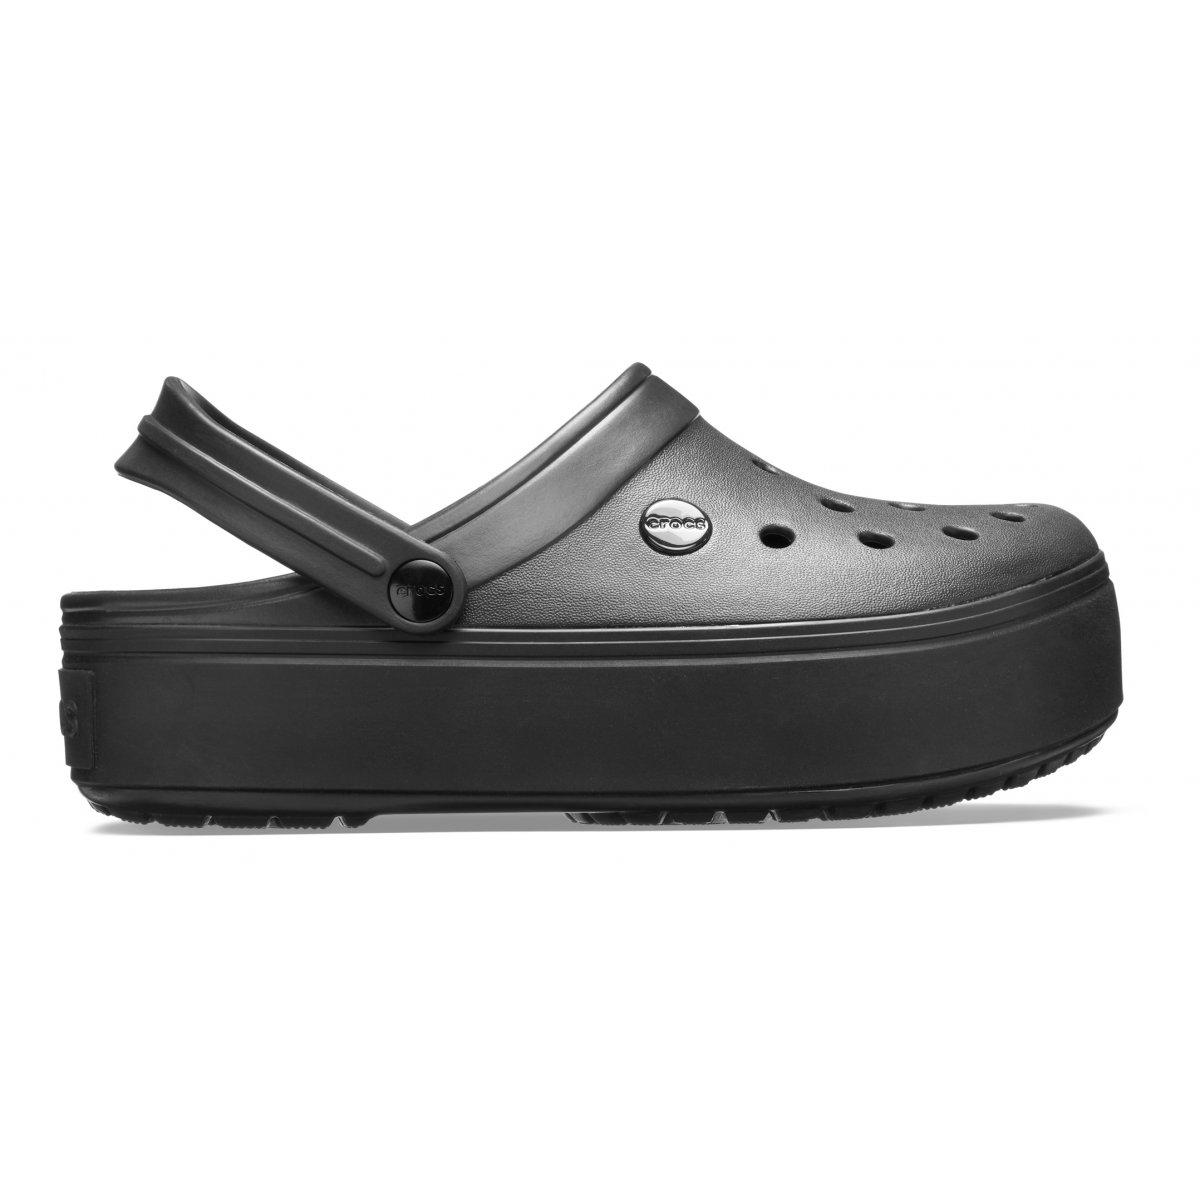 45c2b77851e6 Crocband™ Platform Clog W - Tacchi e Zeppe Footwear Donna